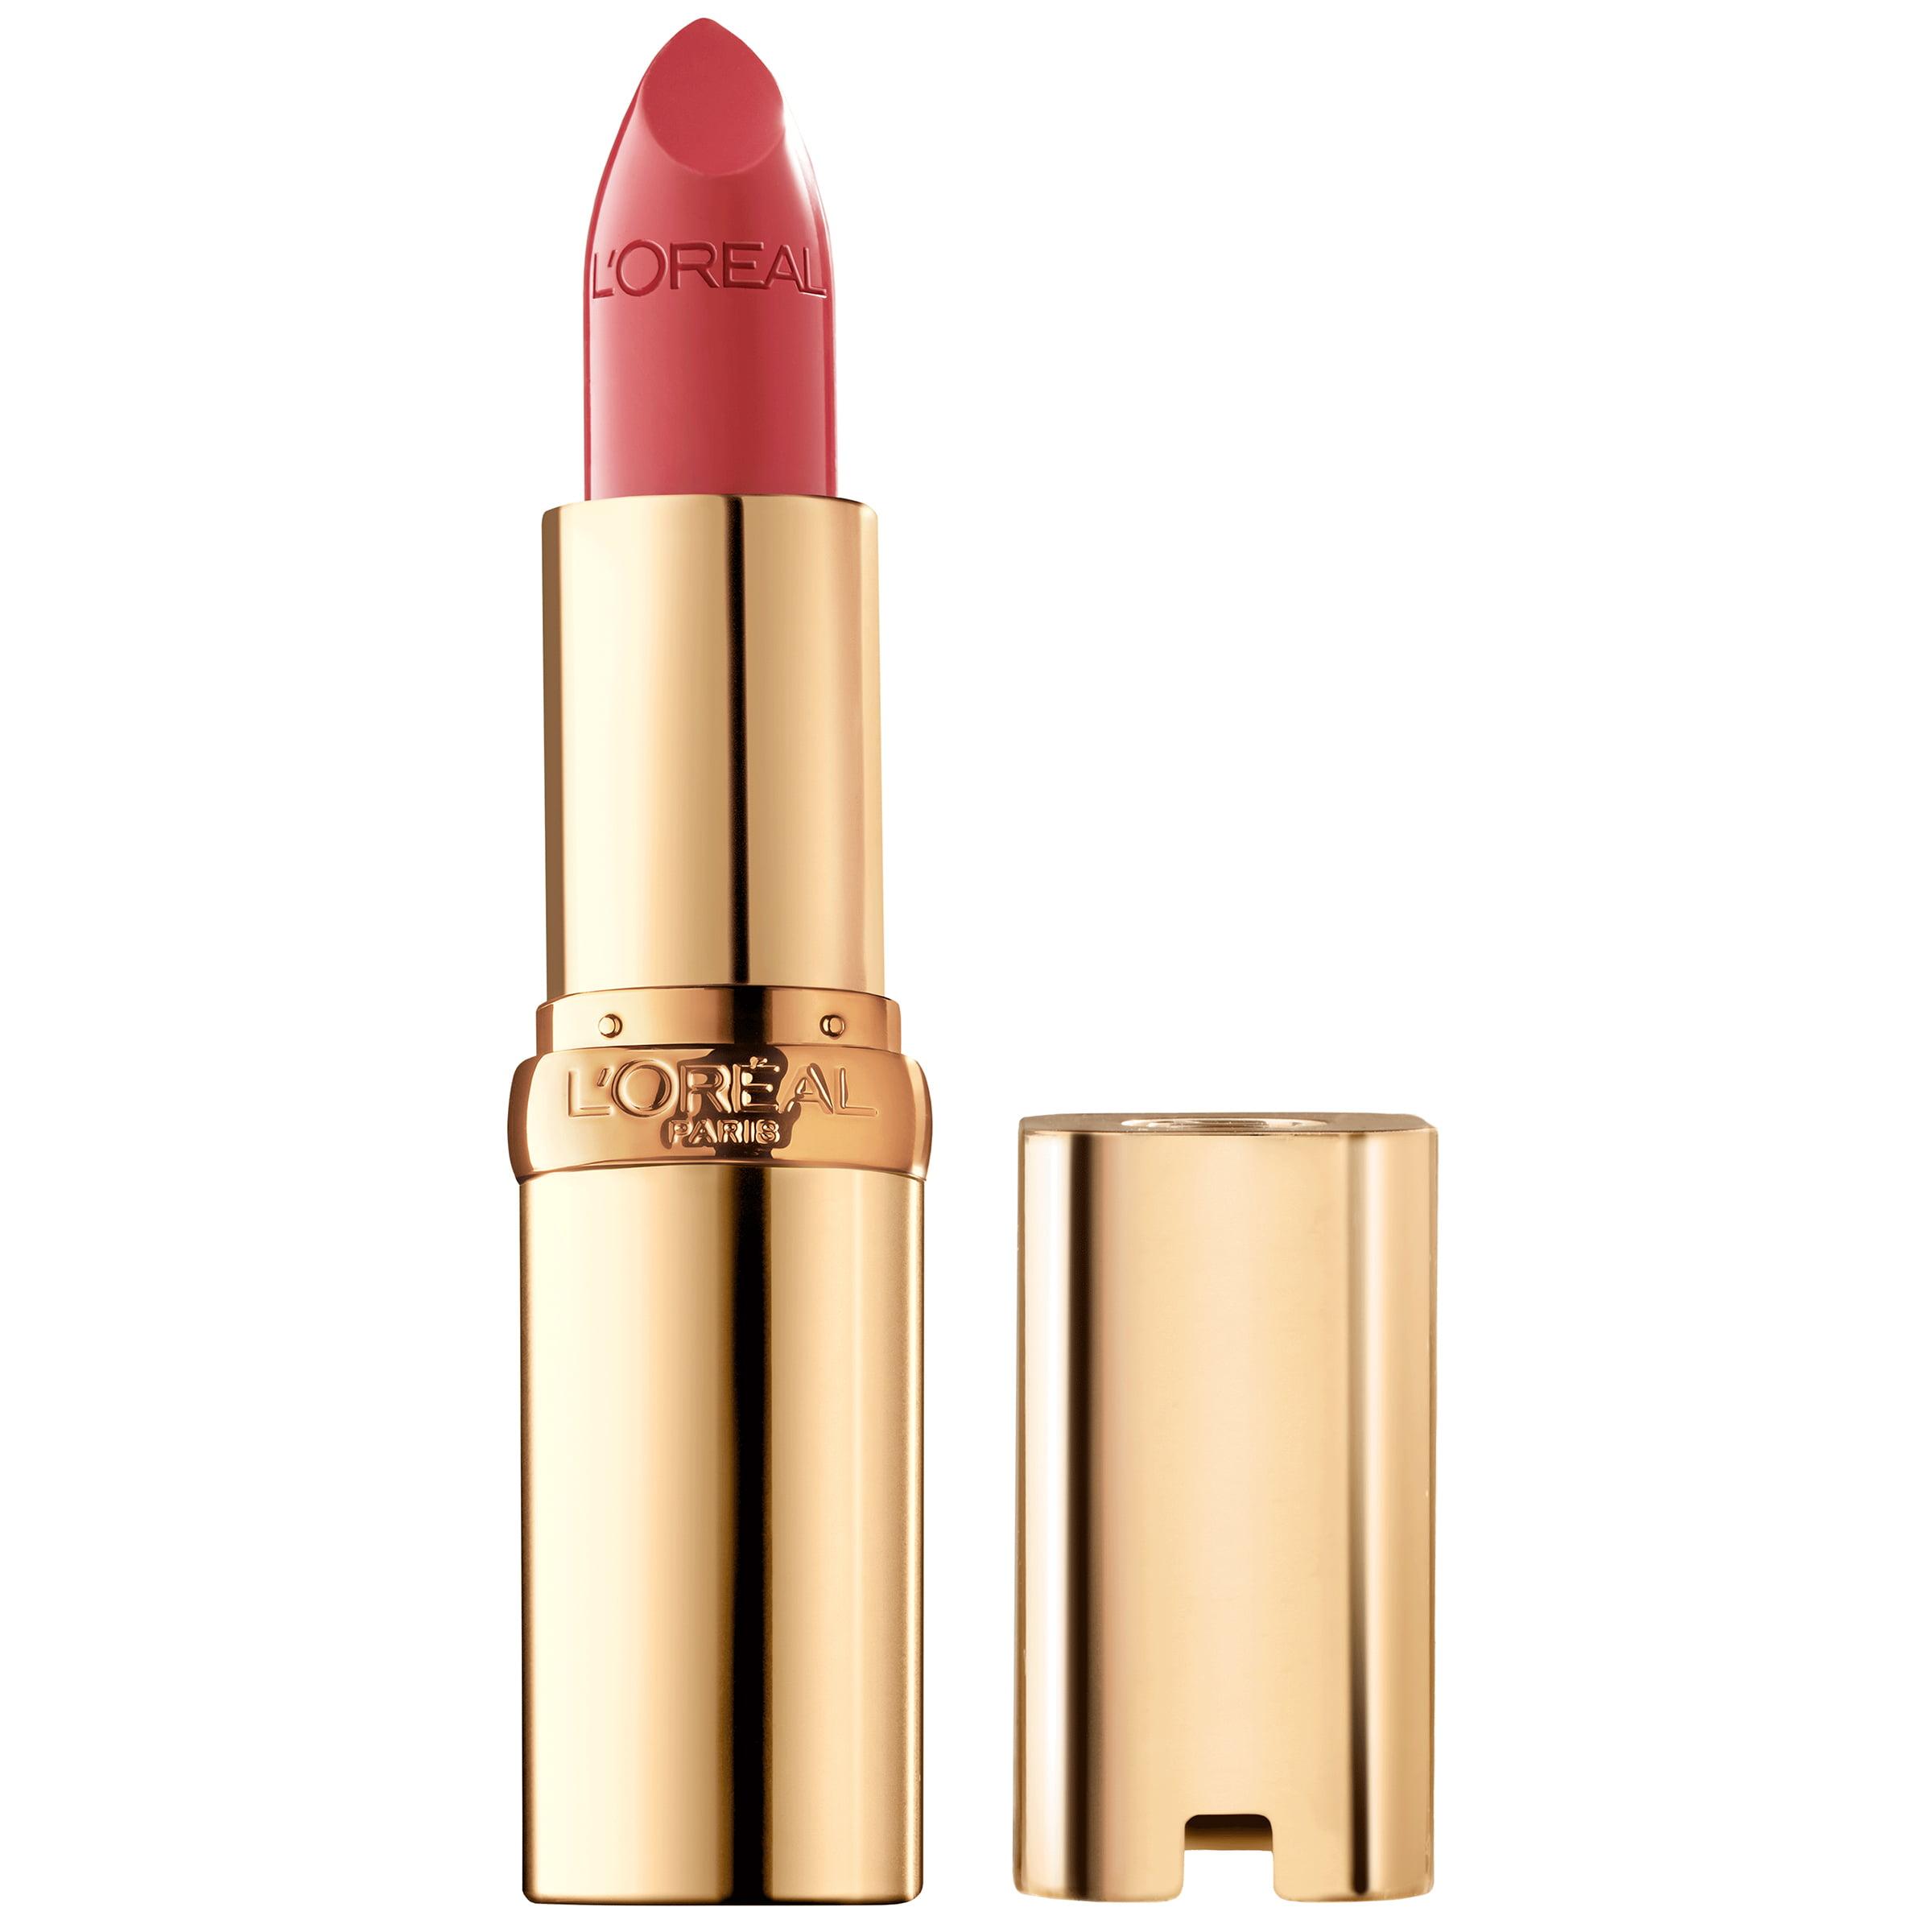 LOREAL Colour Riche Nude Lipstick By JLO - 645 - LA FEMME